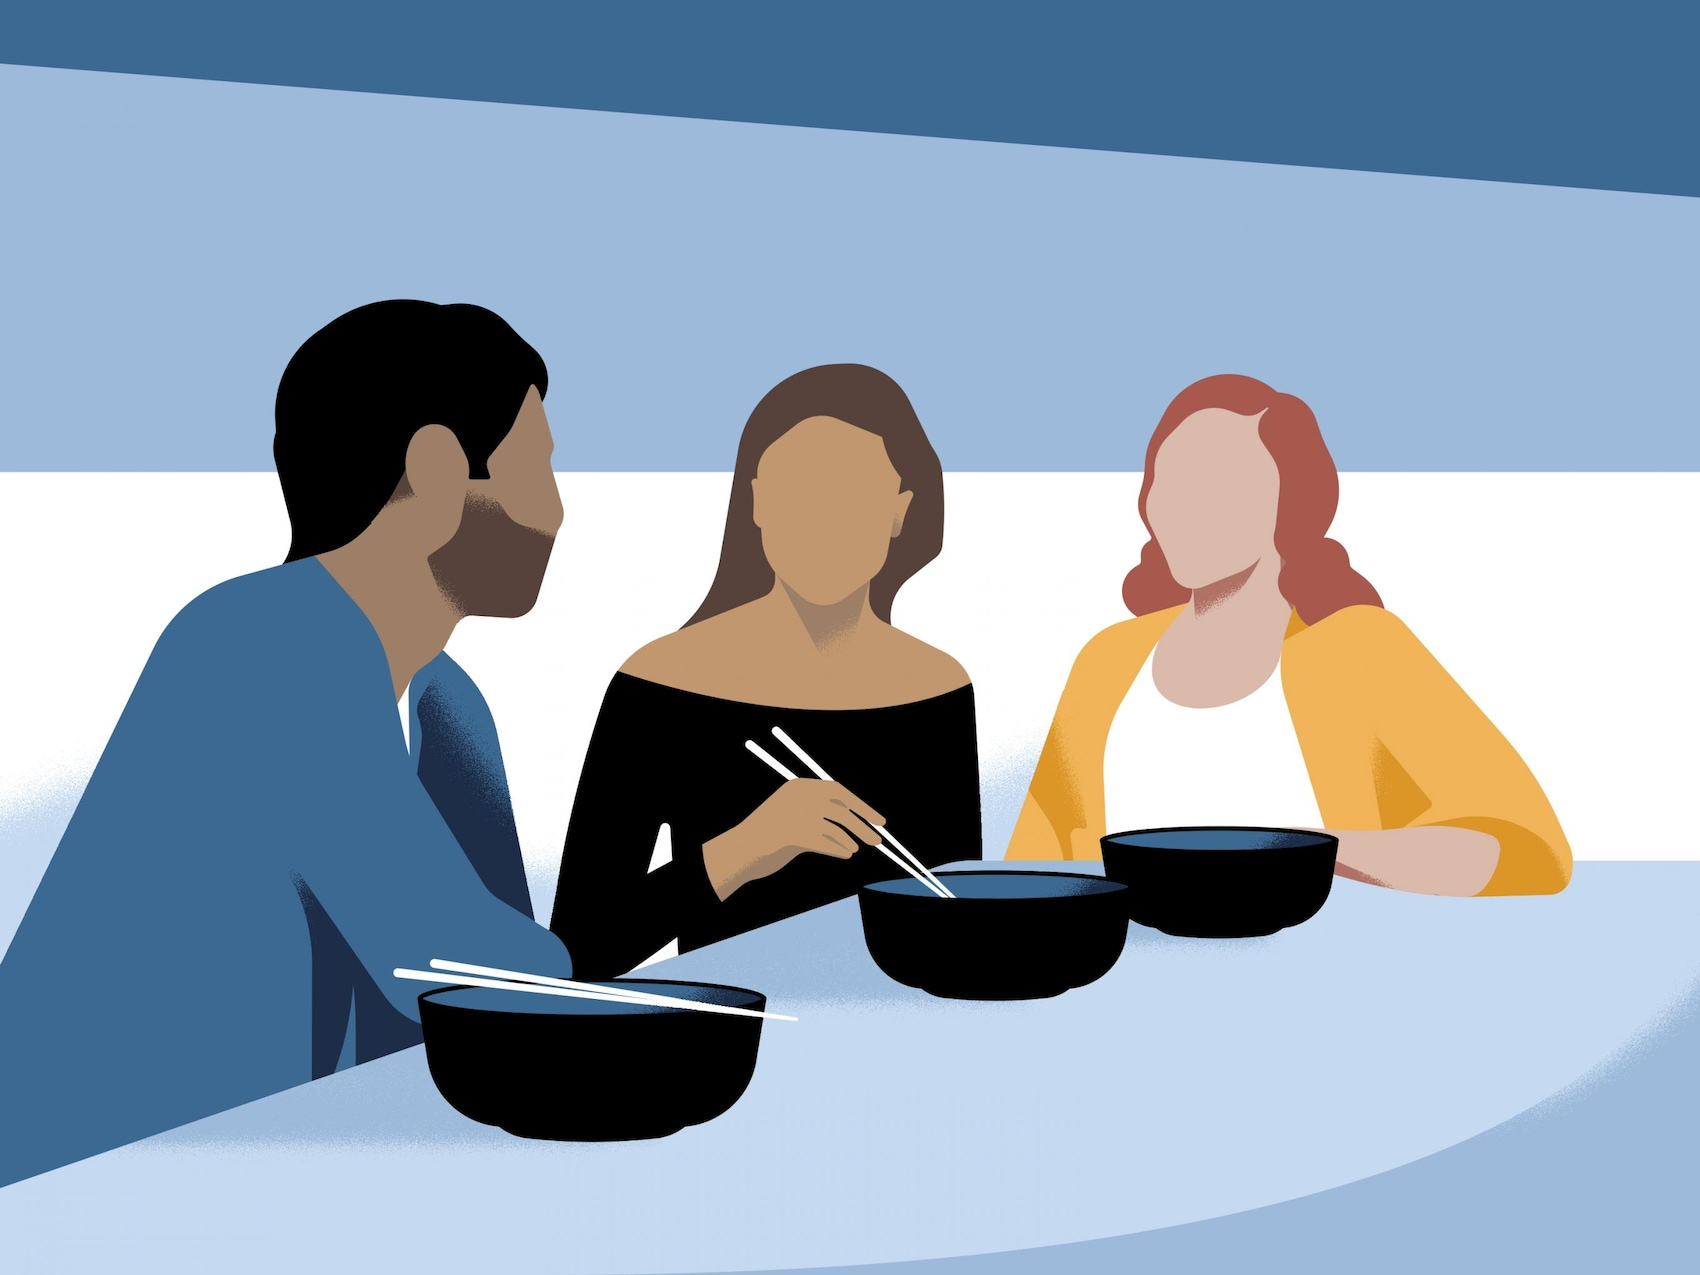 Drei Personen sitzen zum Abendessen an einem Tisch.